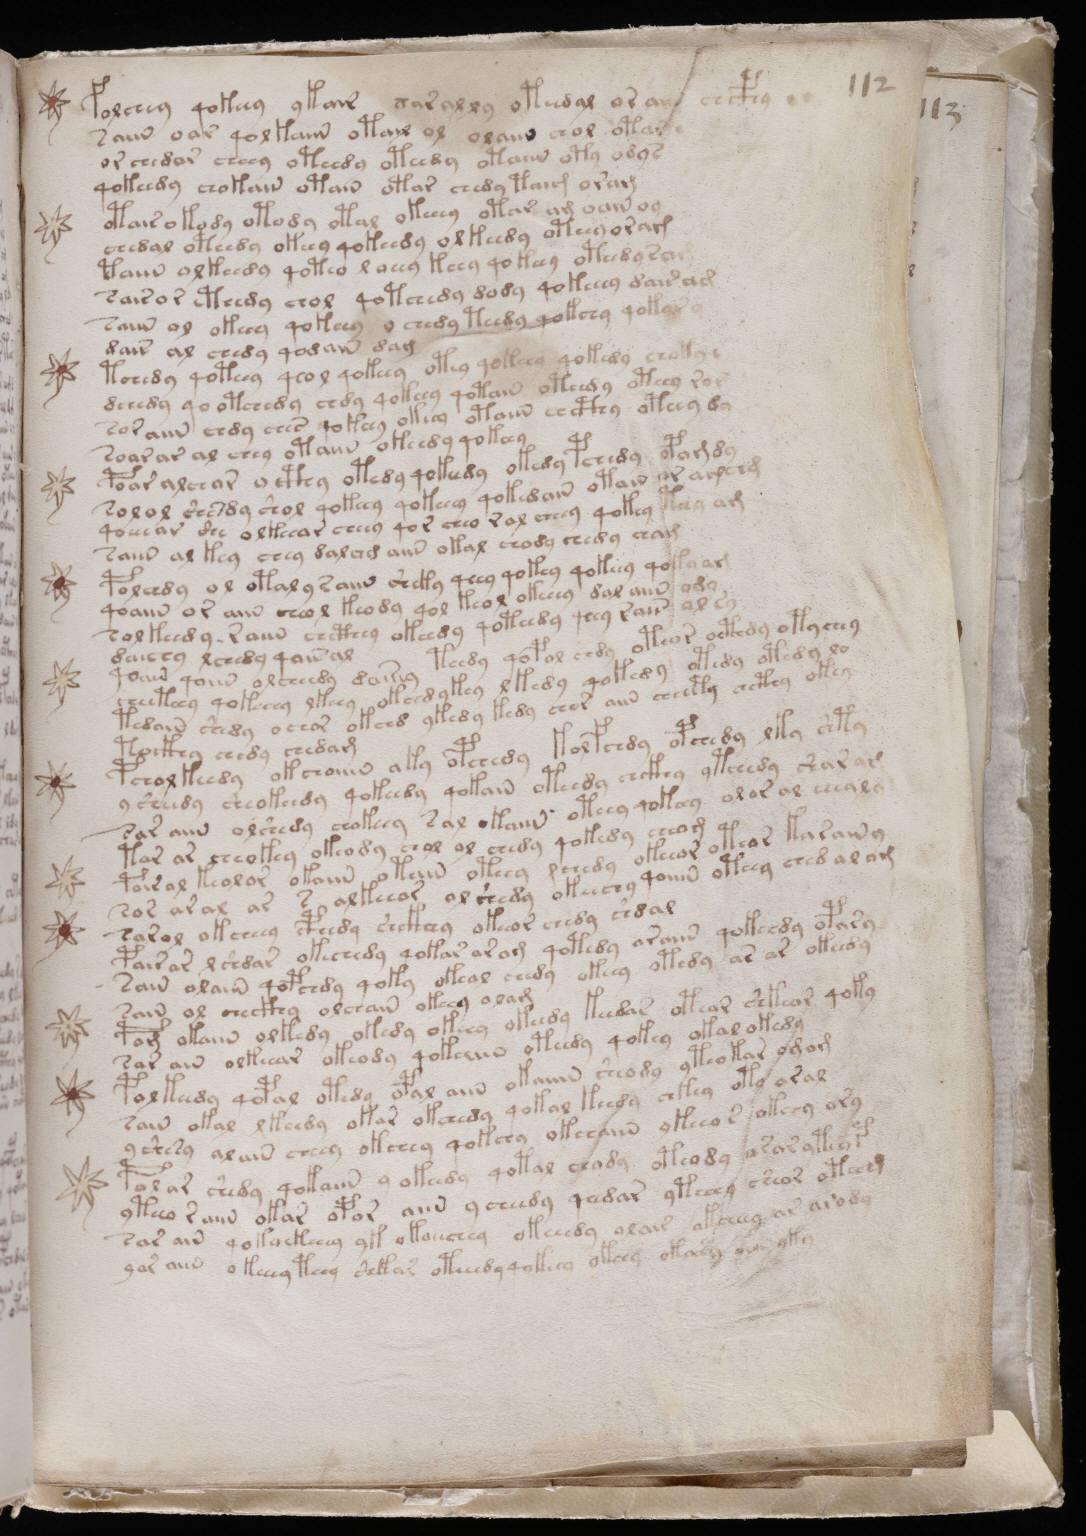 manuscrito195